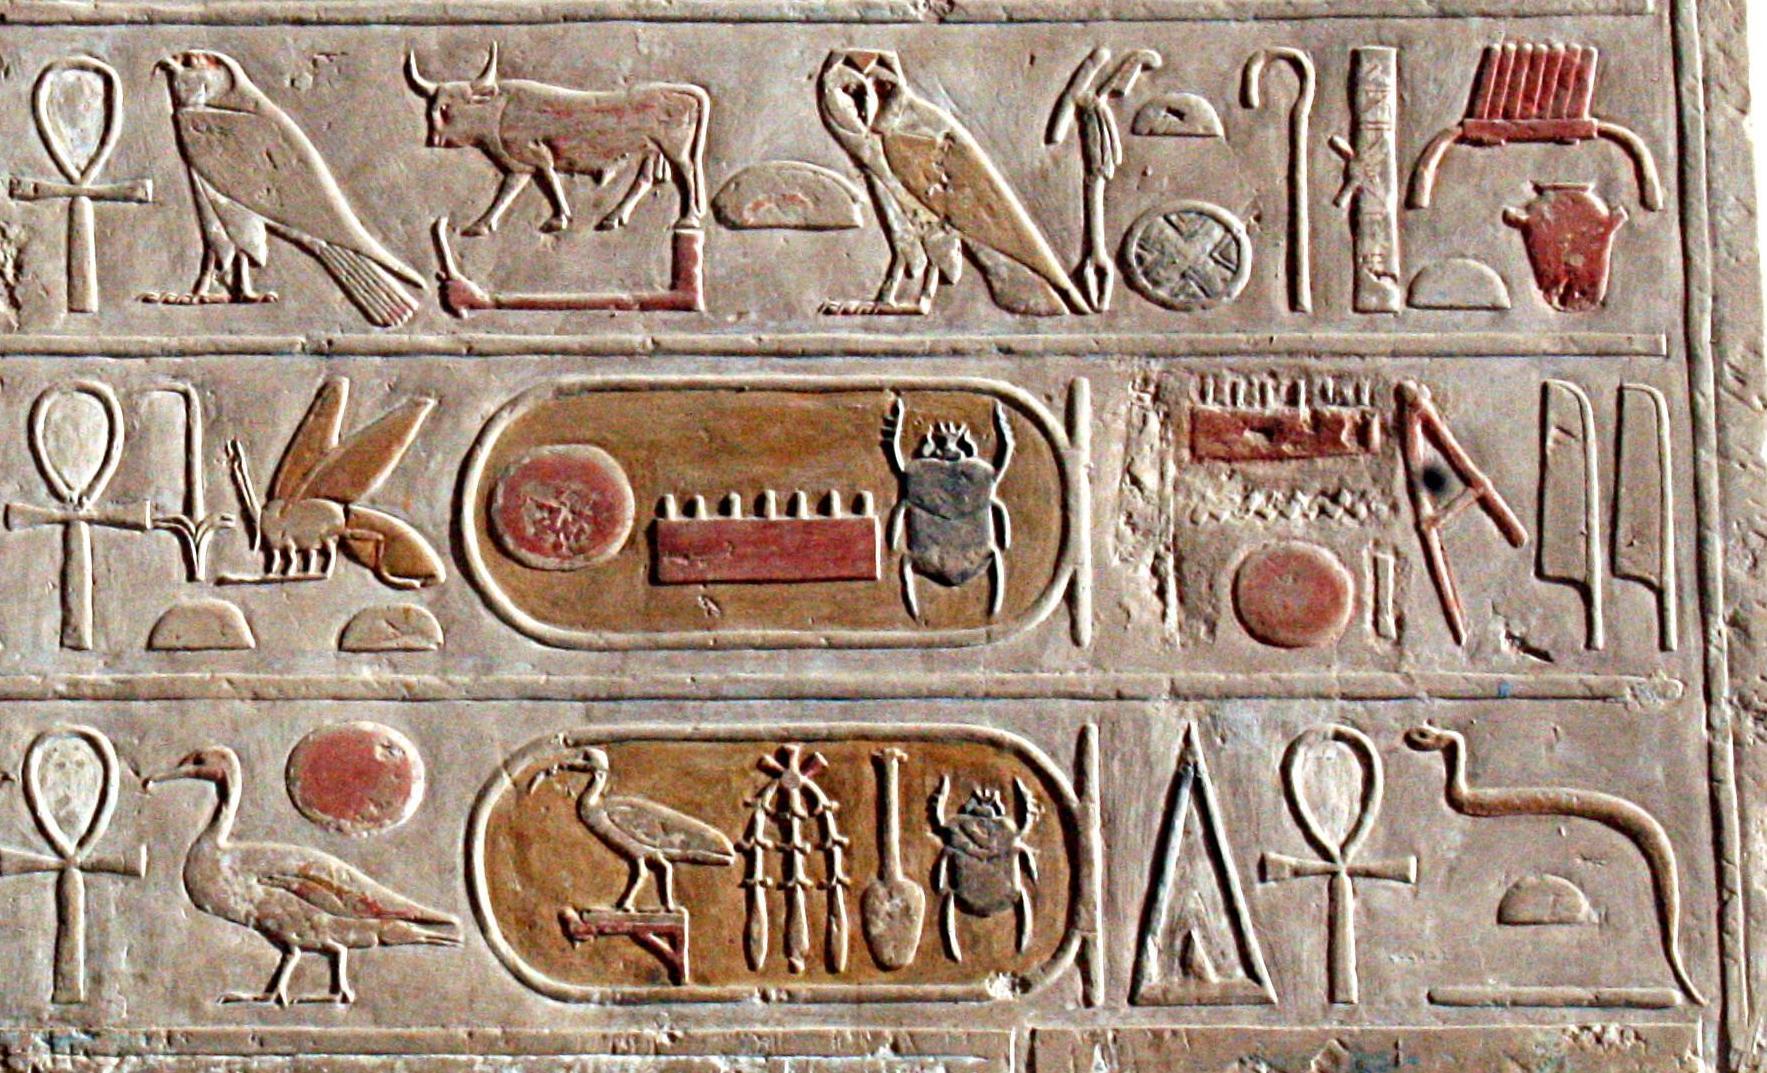 上图:古埃及第十八王朝法老图特摩斯三世(主前1479-1425年)的纹章,从上到下分别是: 1、荷鲁斯名(Horus Name):以代表王权保护神荷鲁斯的隼鹰作头衔,名字写在后面的塞拉赫纹章(Serekh)中。 2、王座名(Throne Name or Prenomen):以代表上埃及的树和下埃及的蜜蜂作头衔,名字写在后面的象形茧纹章(Cartouche)中。 3、个人名(Personal Name or Nomen):以「拉之子(Sa-Rê)」作为头衔,象形文字是一只鸭子(与儿子同音)和太阳(象征太阳神拉),法老出生时的名字写在后面的象形茧纹章(Cartouche)中。